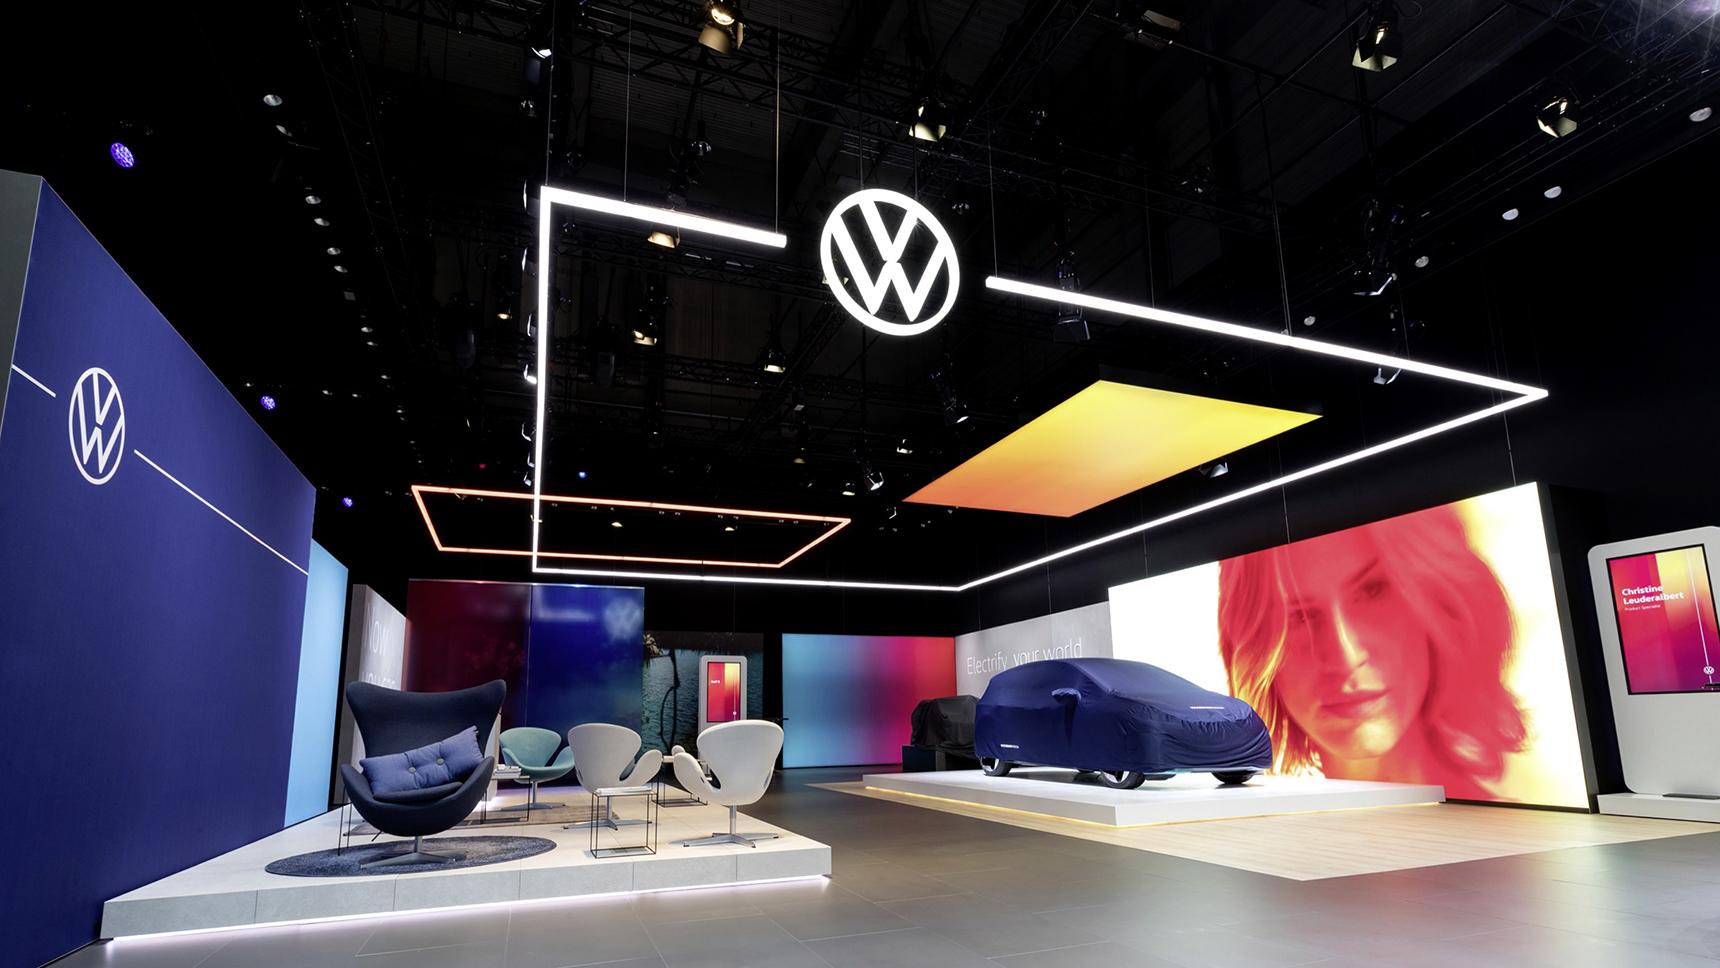 Почему новый логотип BMW безнадежно плох